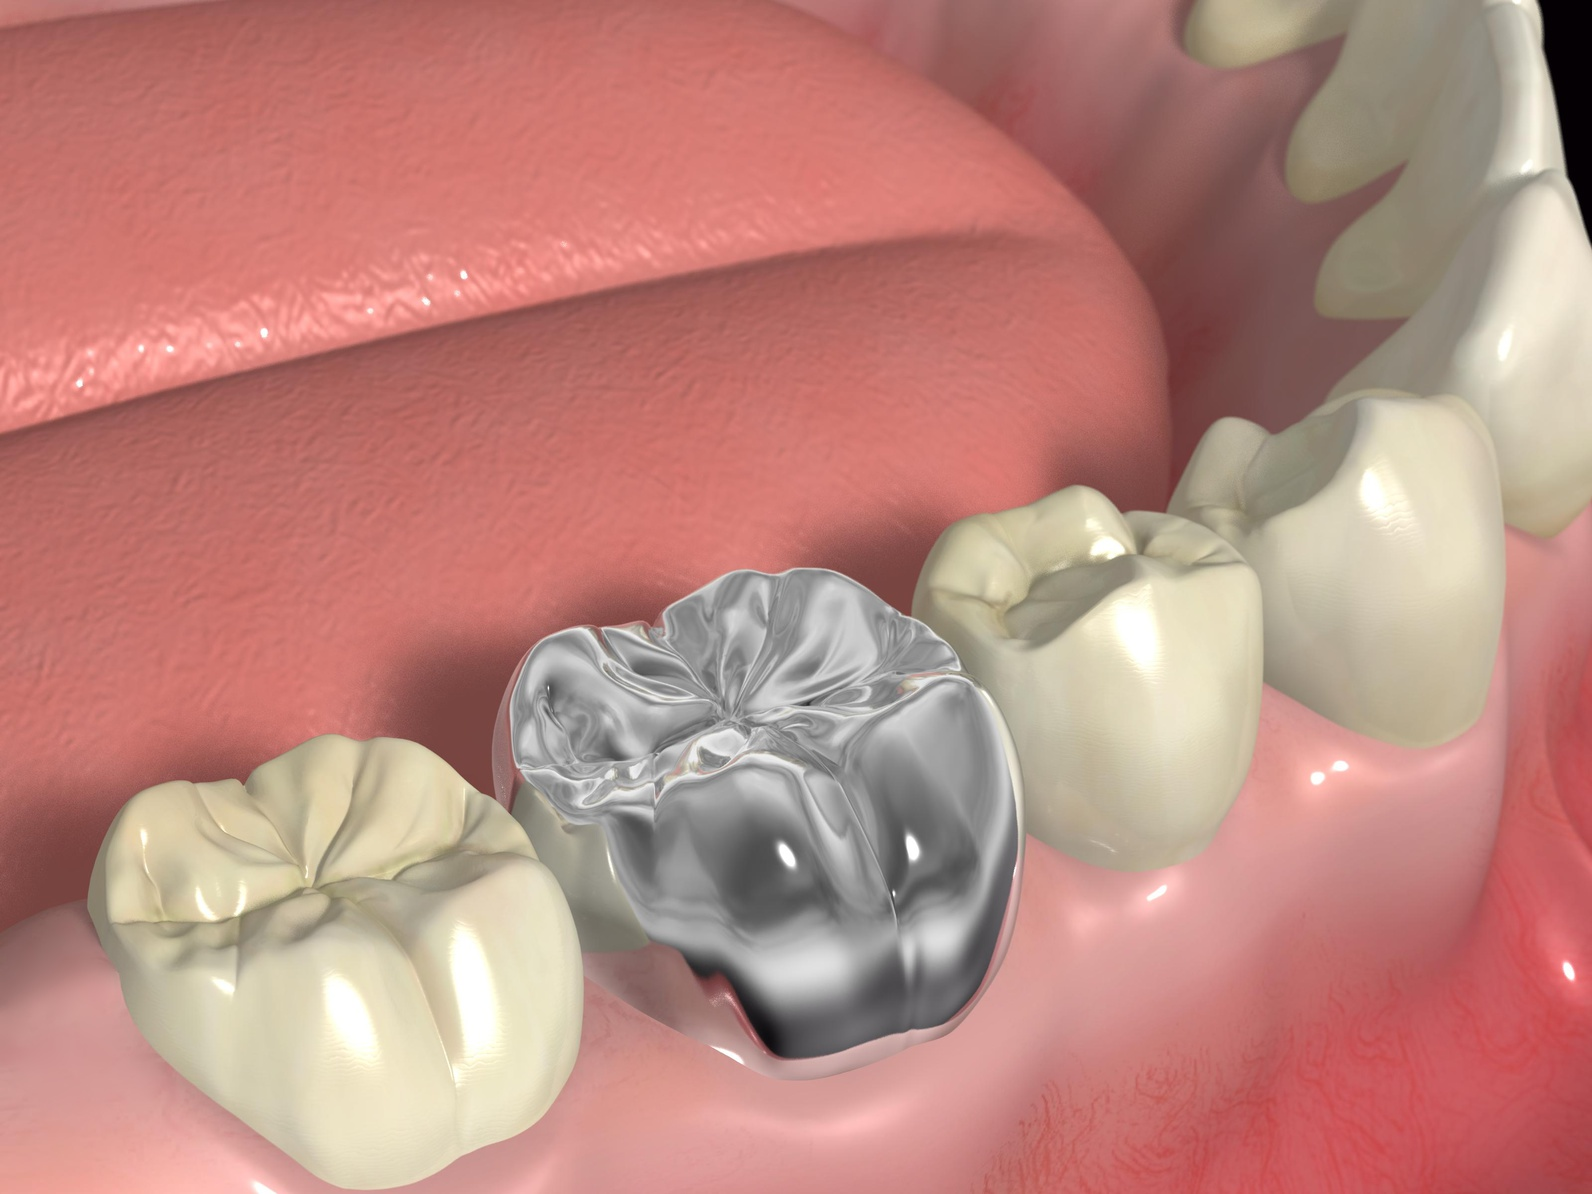 установка коронки на зуб